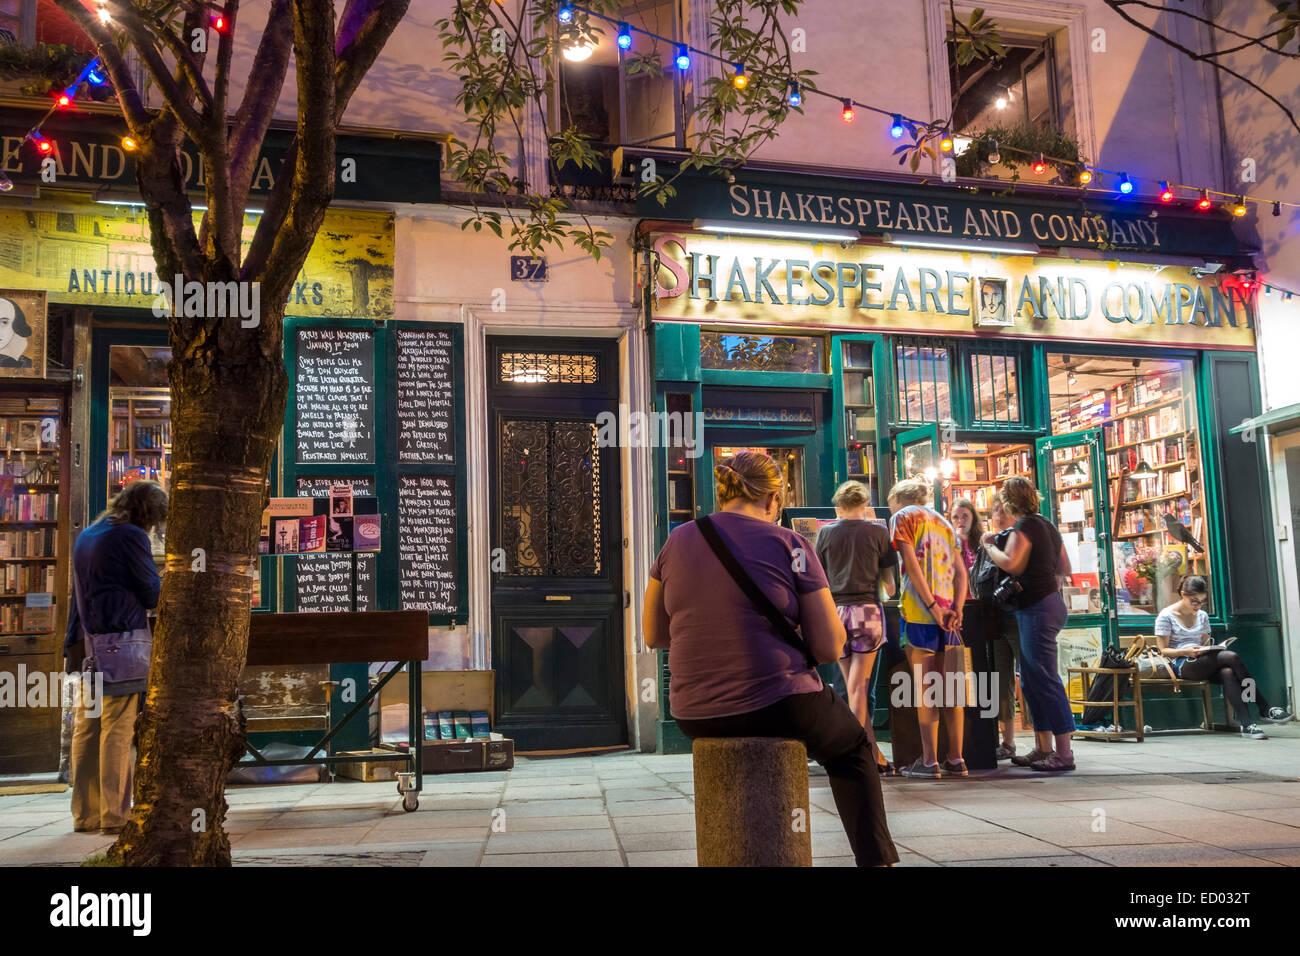 París. Los jóvenes la lectura, navegación, compras en la famosa librería Shakespeare and Company Imagen De Stock